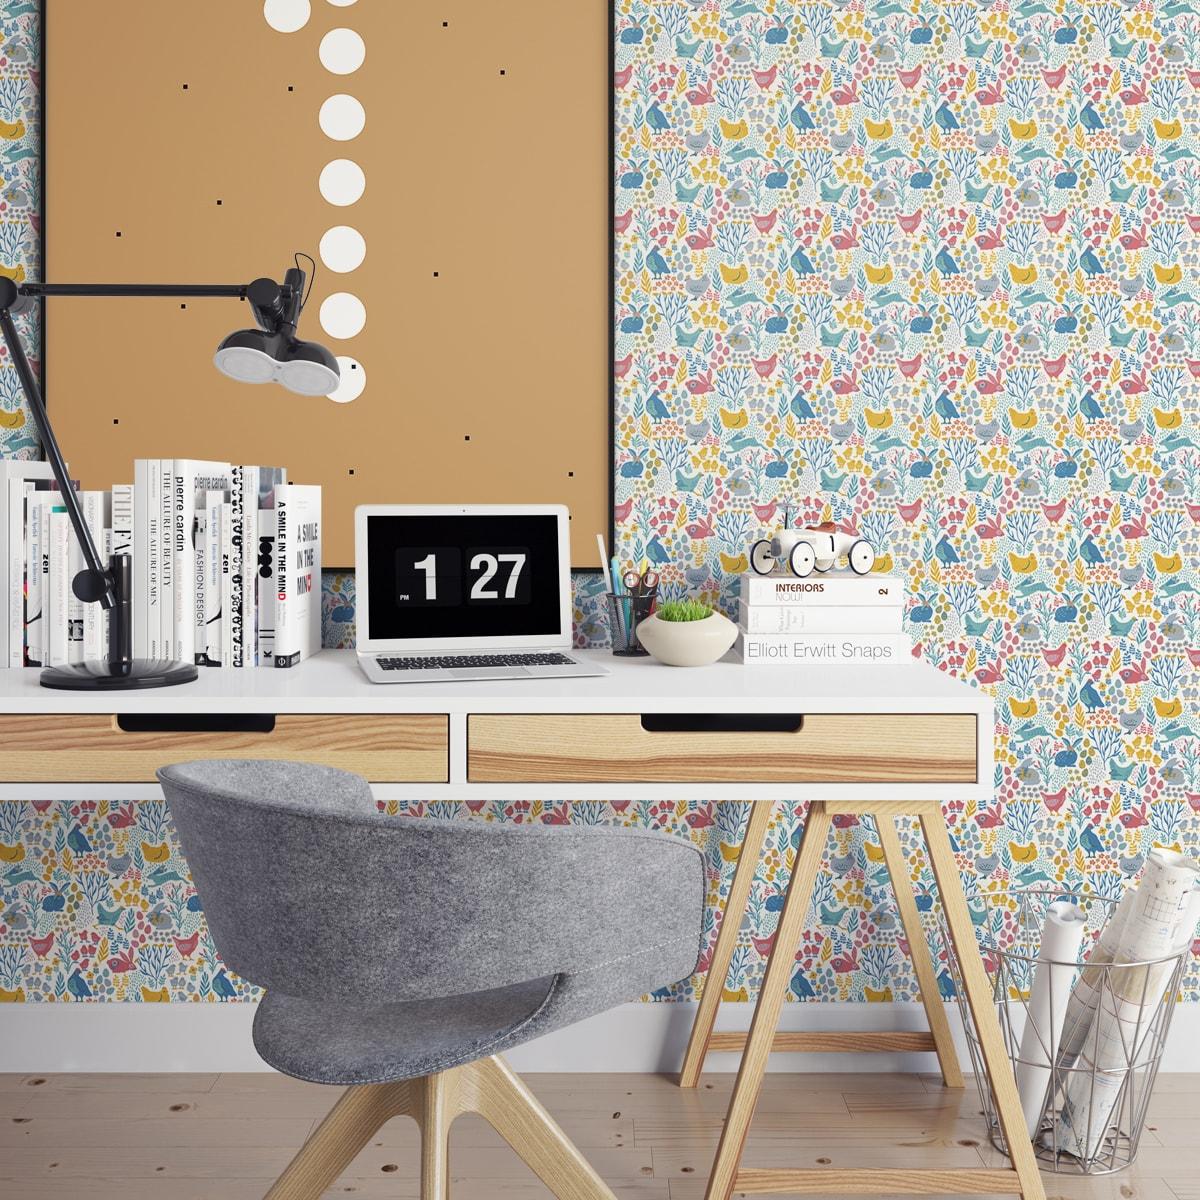 """Design Tapete """"Hoppelgarten"""" mit bunten Hühnern, Hasen & Blumen Land Vliestapete Wandgestaltung"""